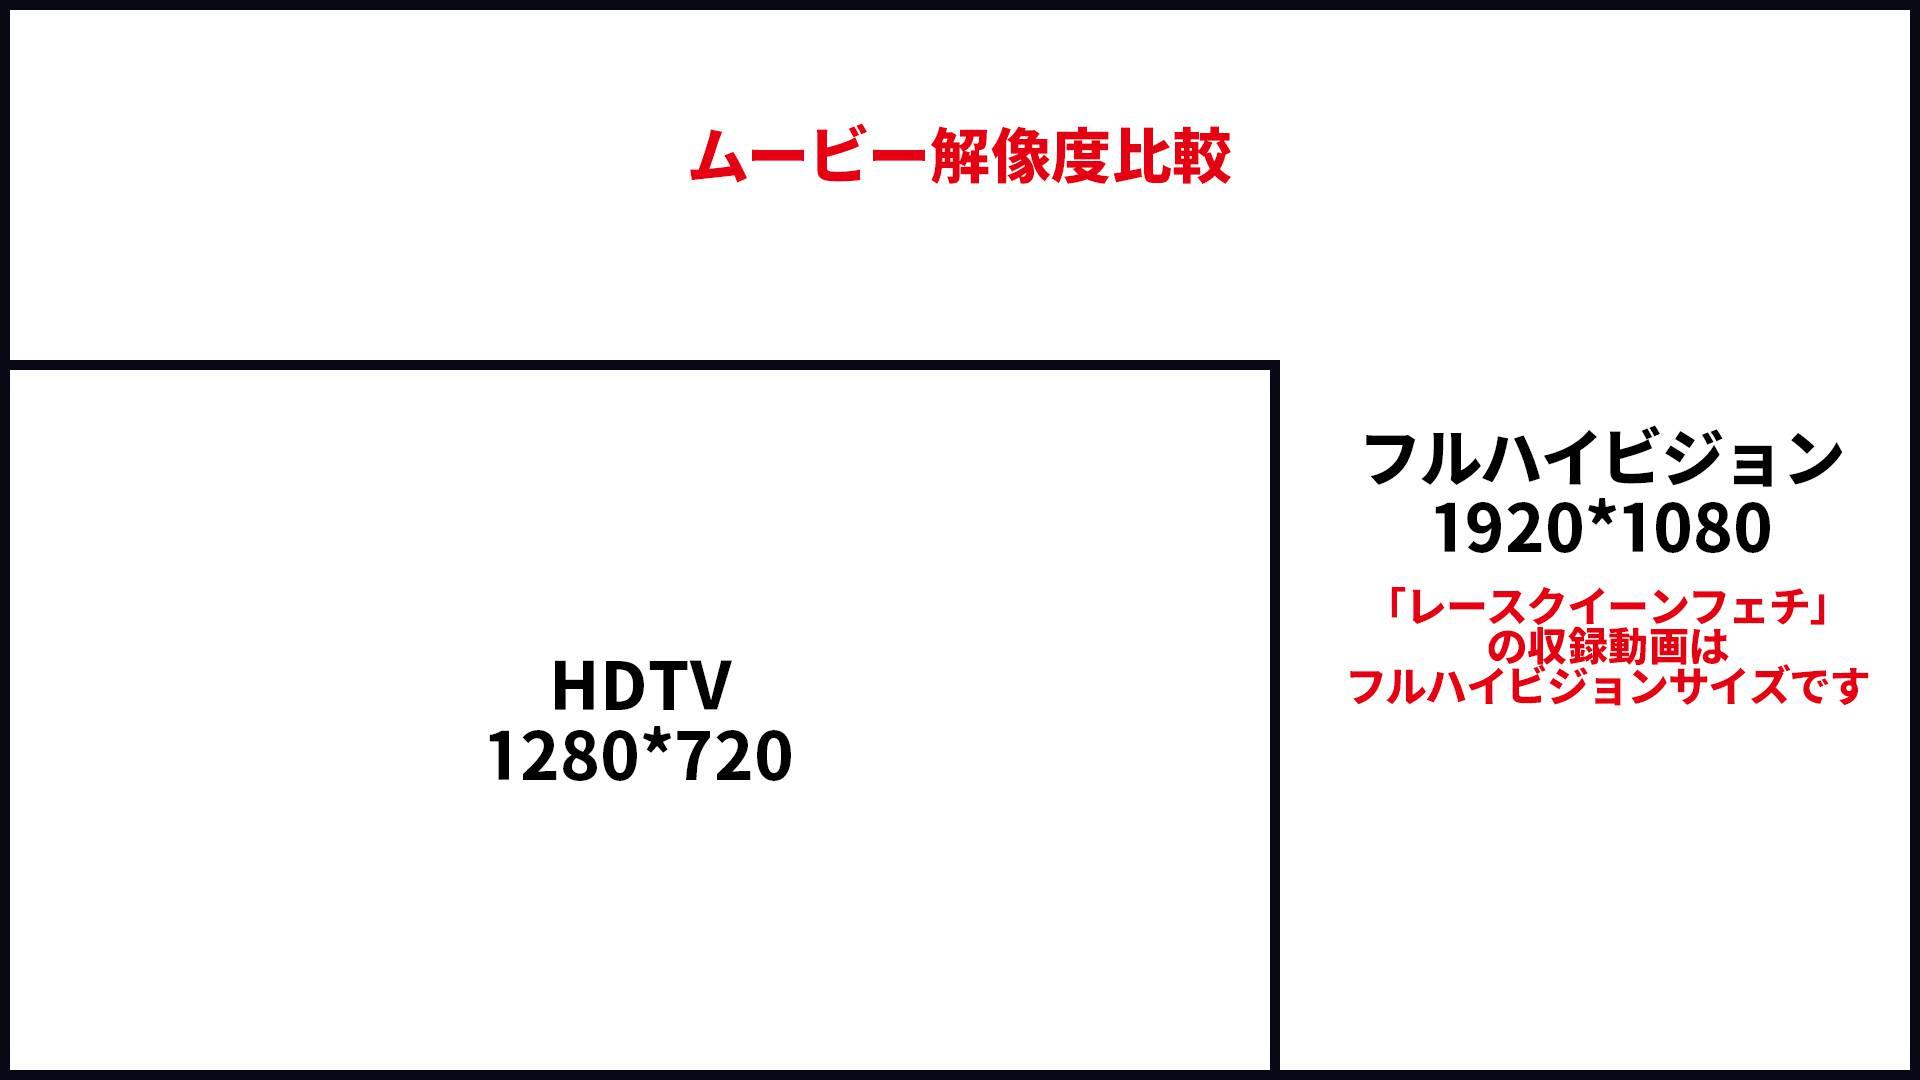 【HD】レースクイーンフェチ#020 ムービー版【4】 サンプル画像05